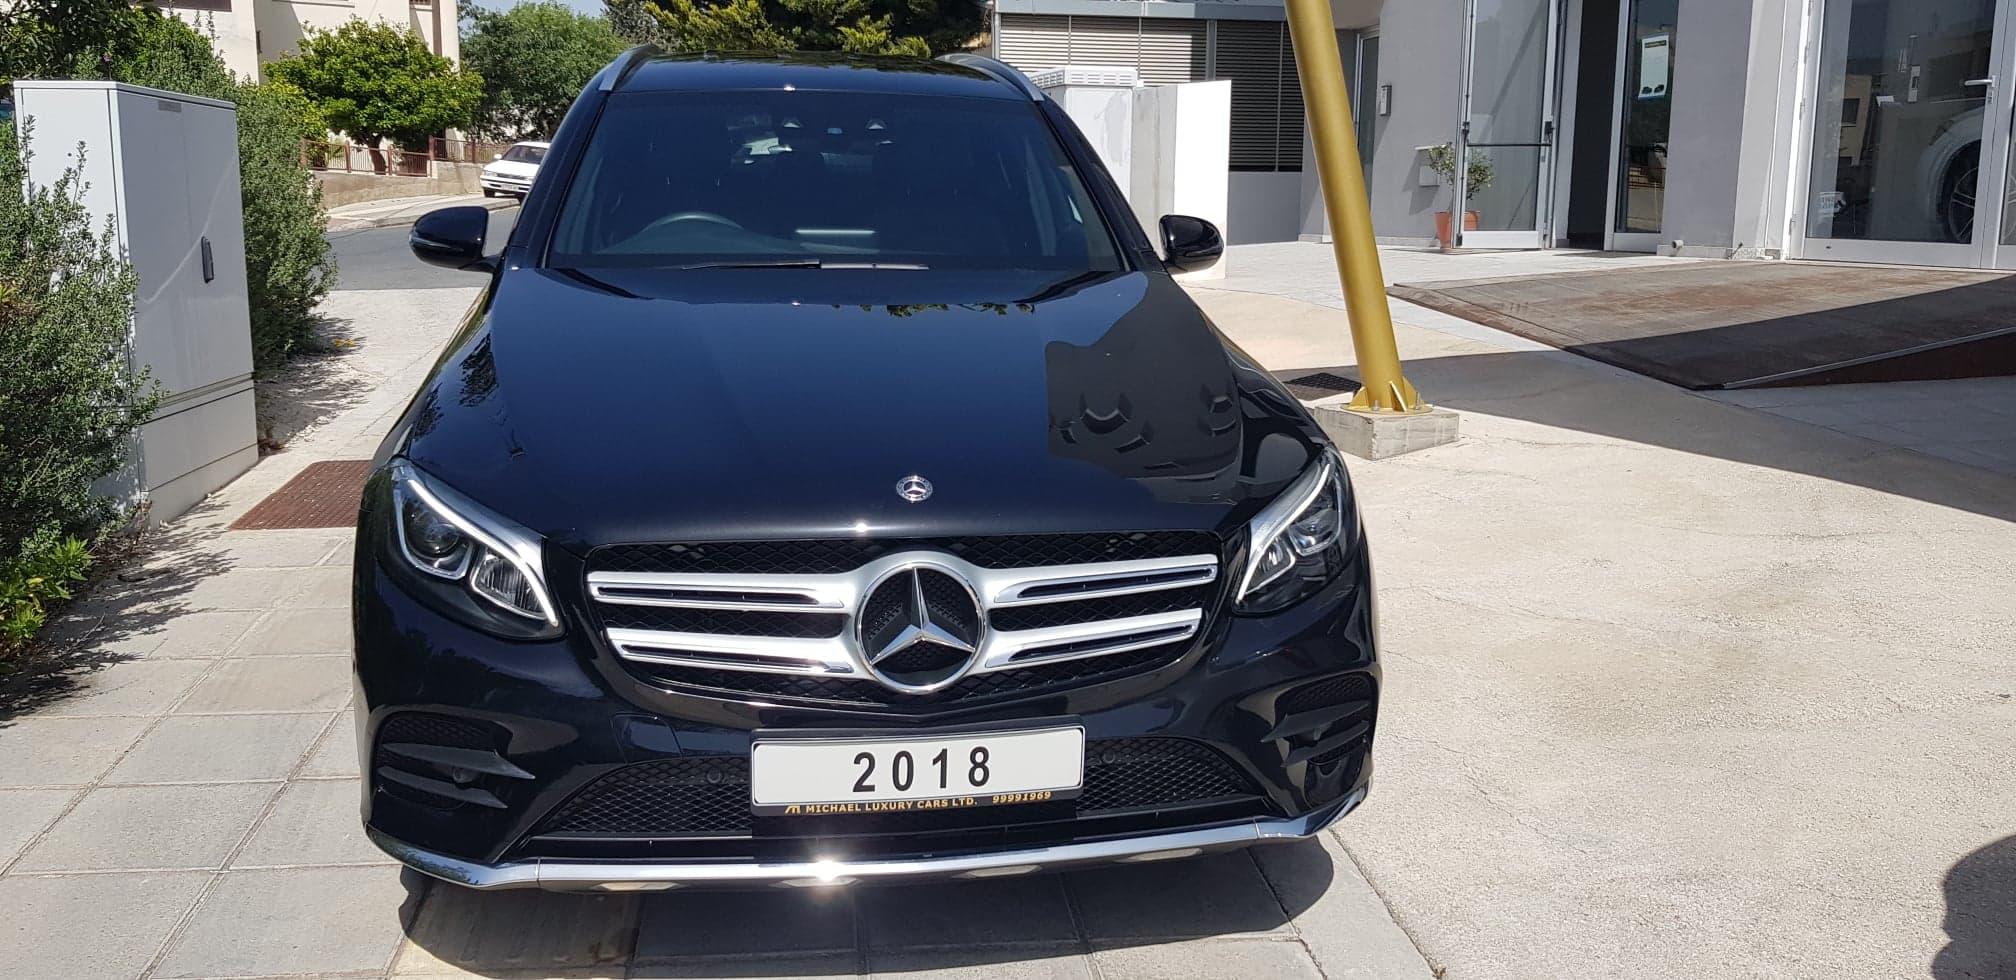 Mercedes GLC 220D AMG 4 MATIC ESTATE